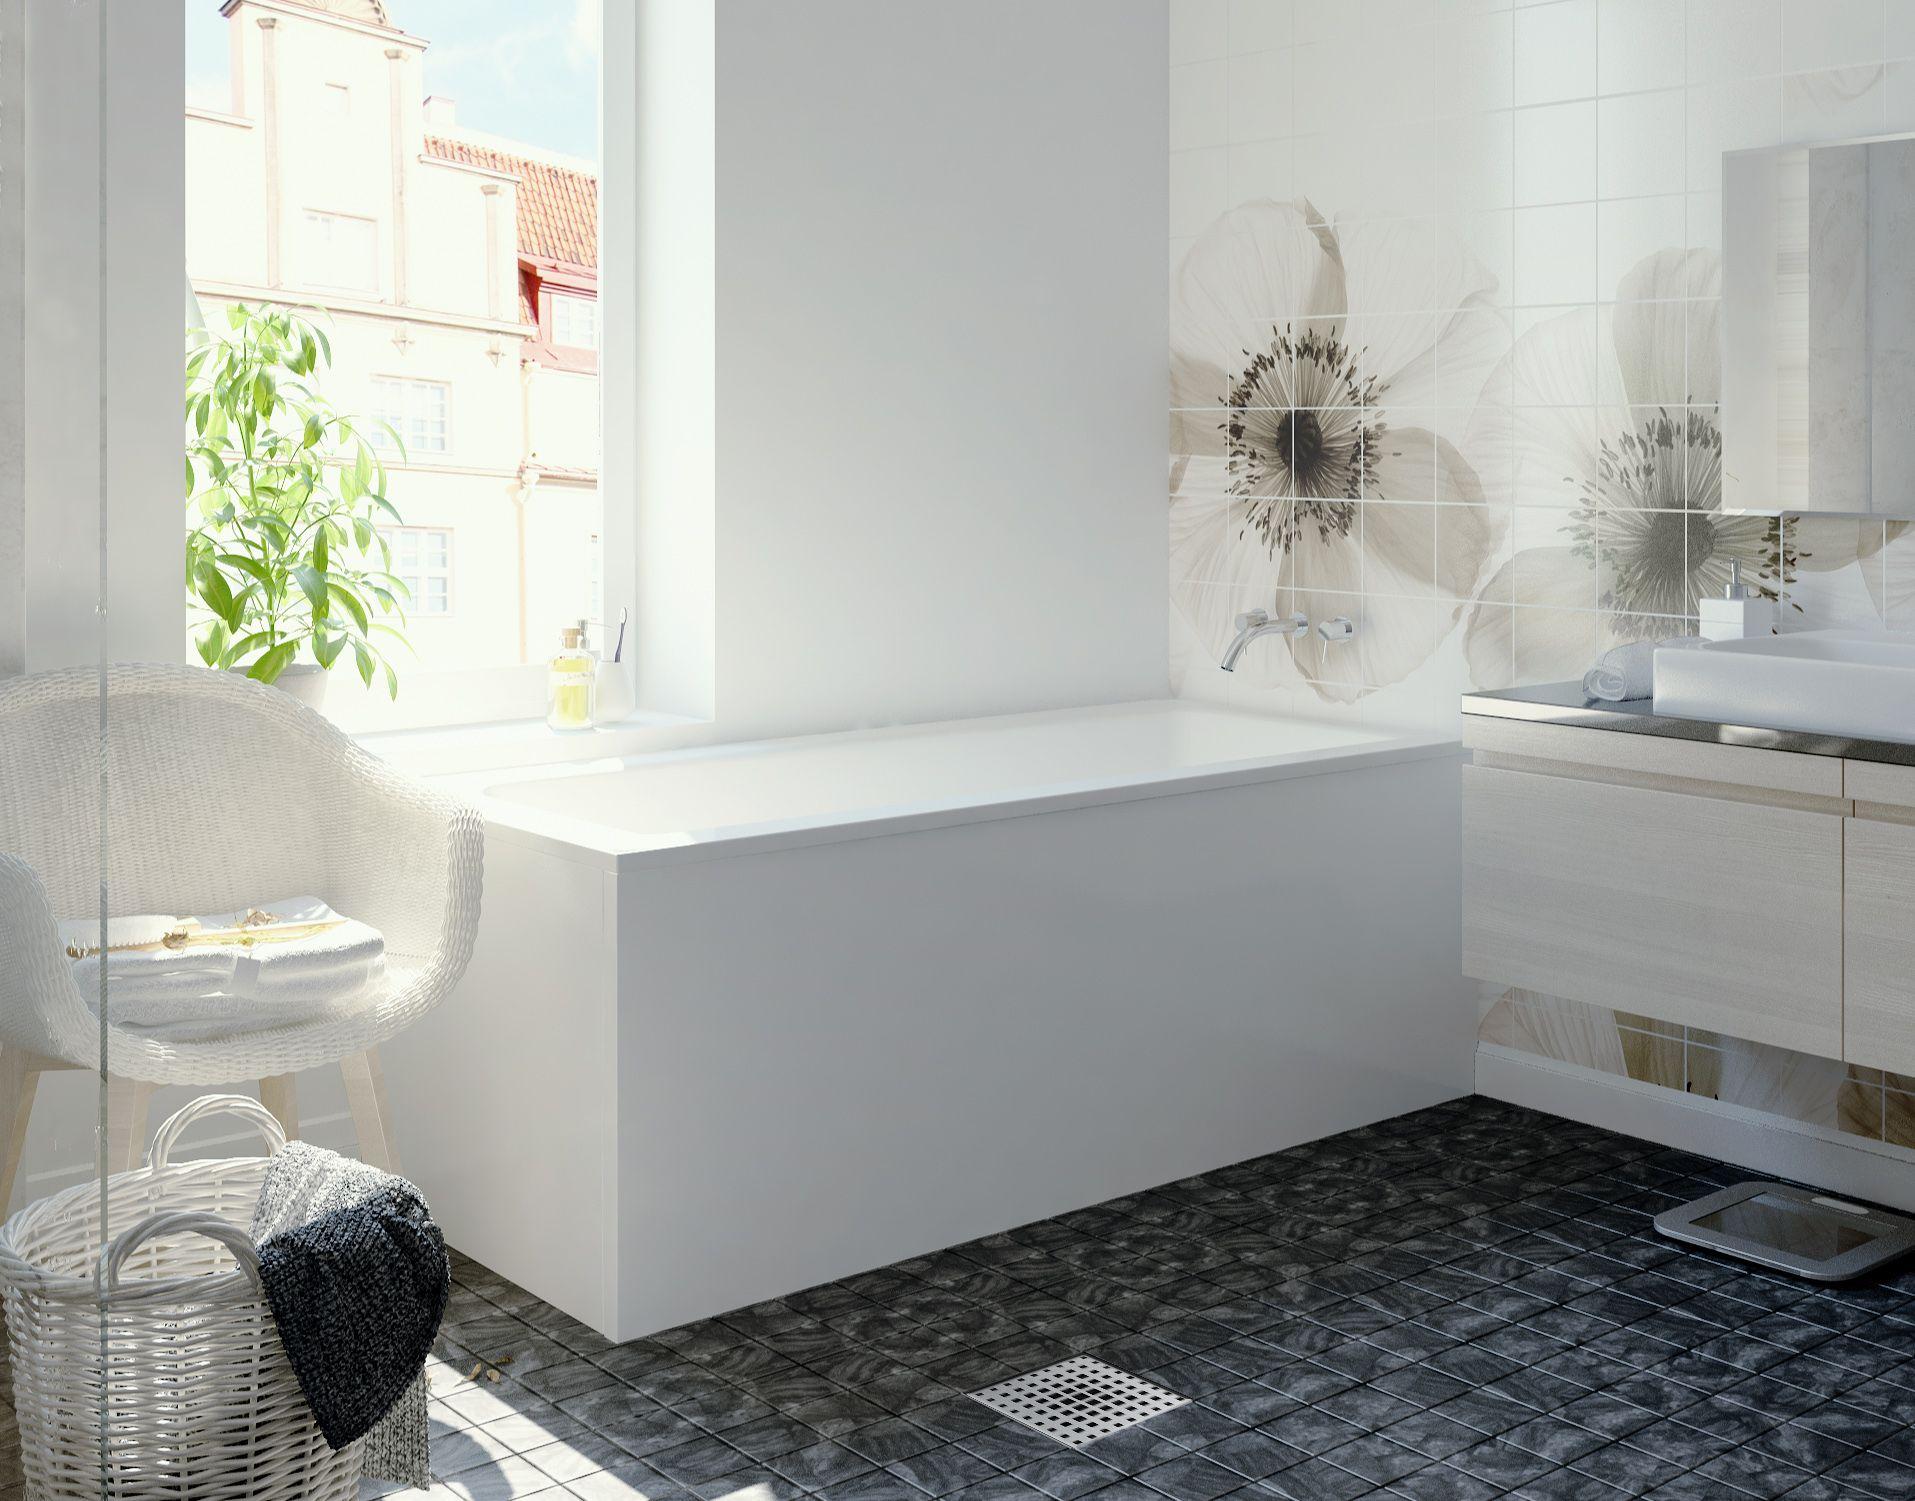 Gste wc dekorieren affordable finest villeroy und boch - Gastebadezimmer ideen ...